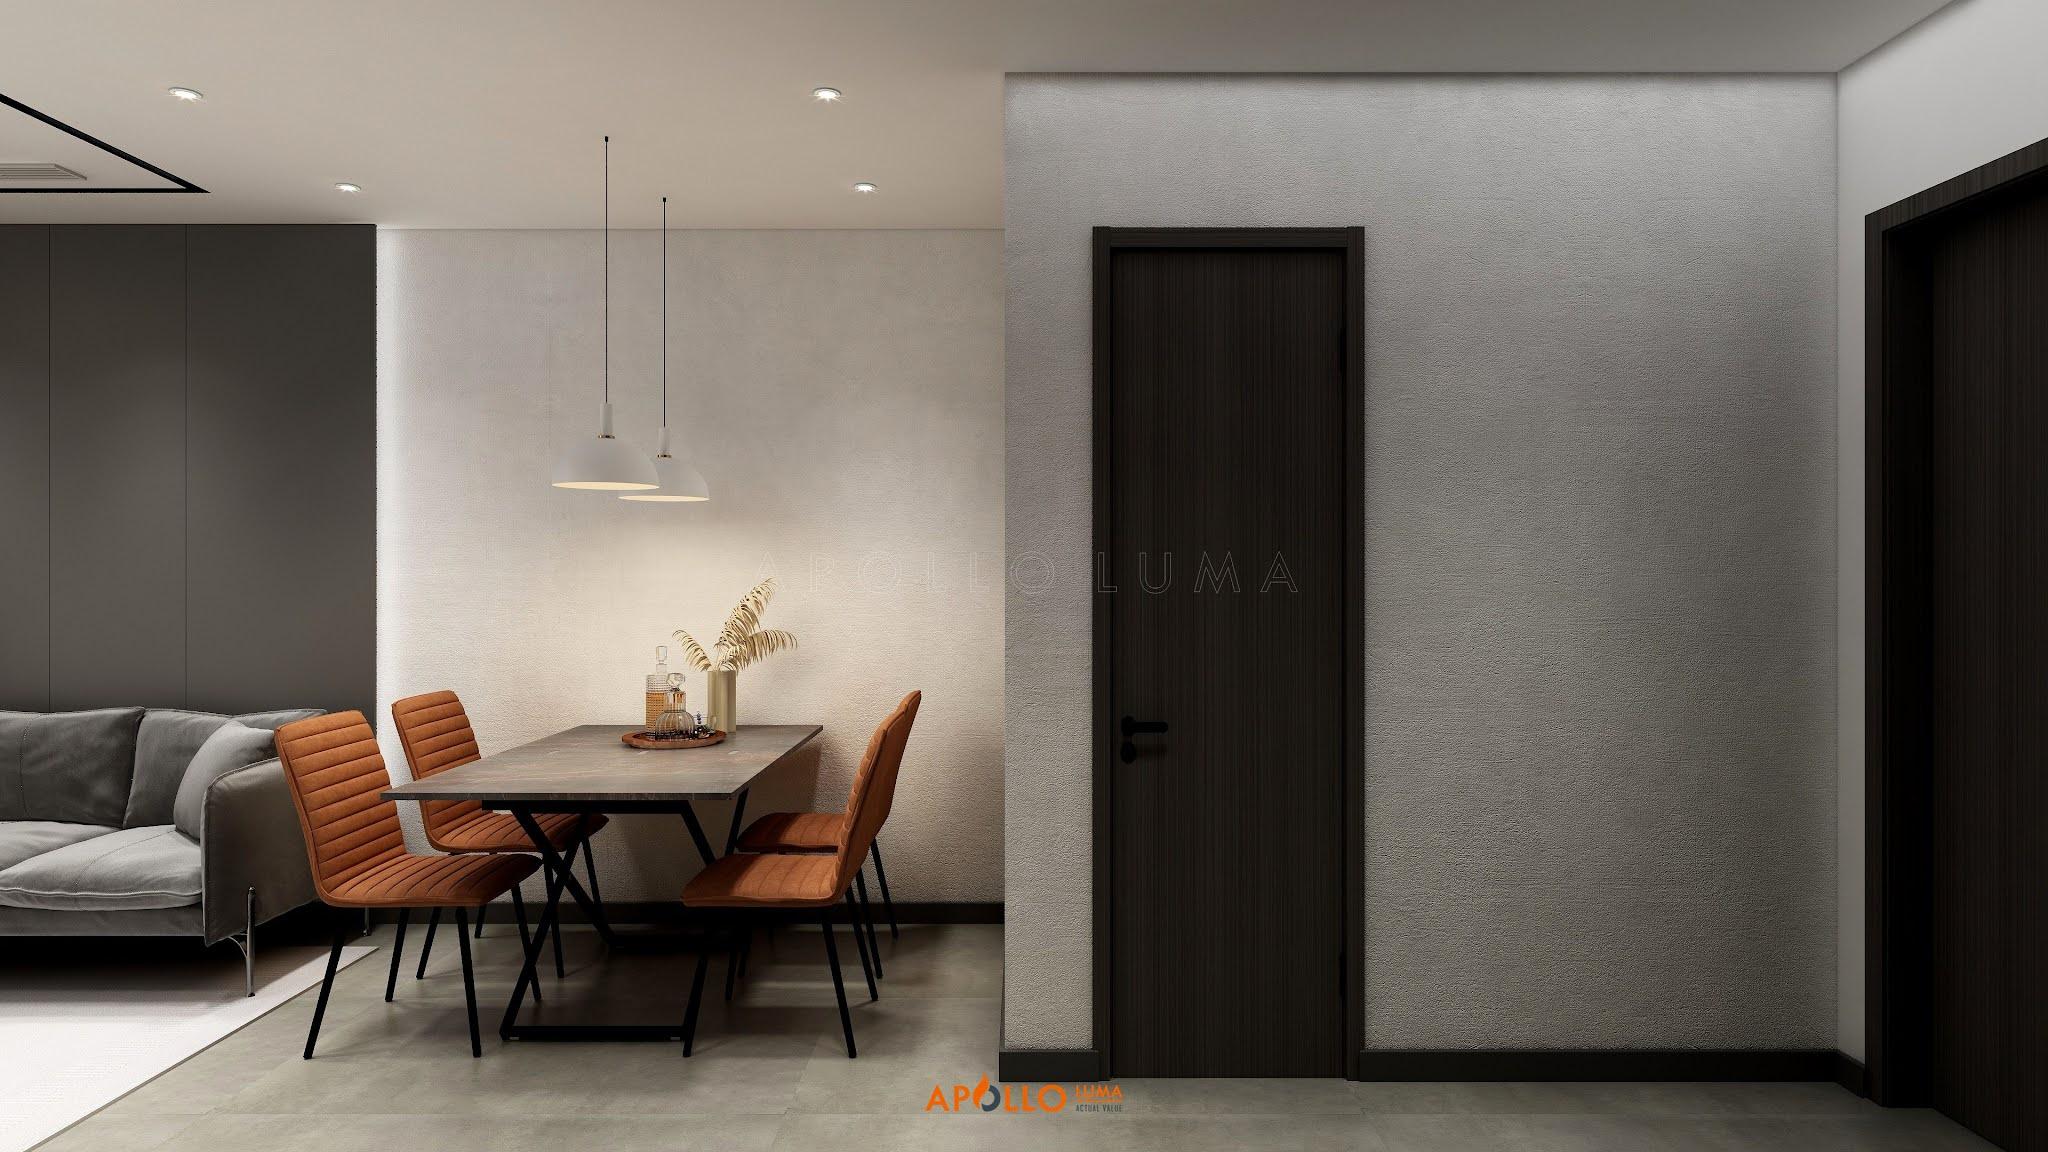 Thiết kế nội thất căn hộ 2PN (56.8m2) Phương Đông Green Park